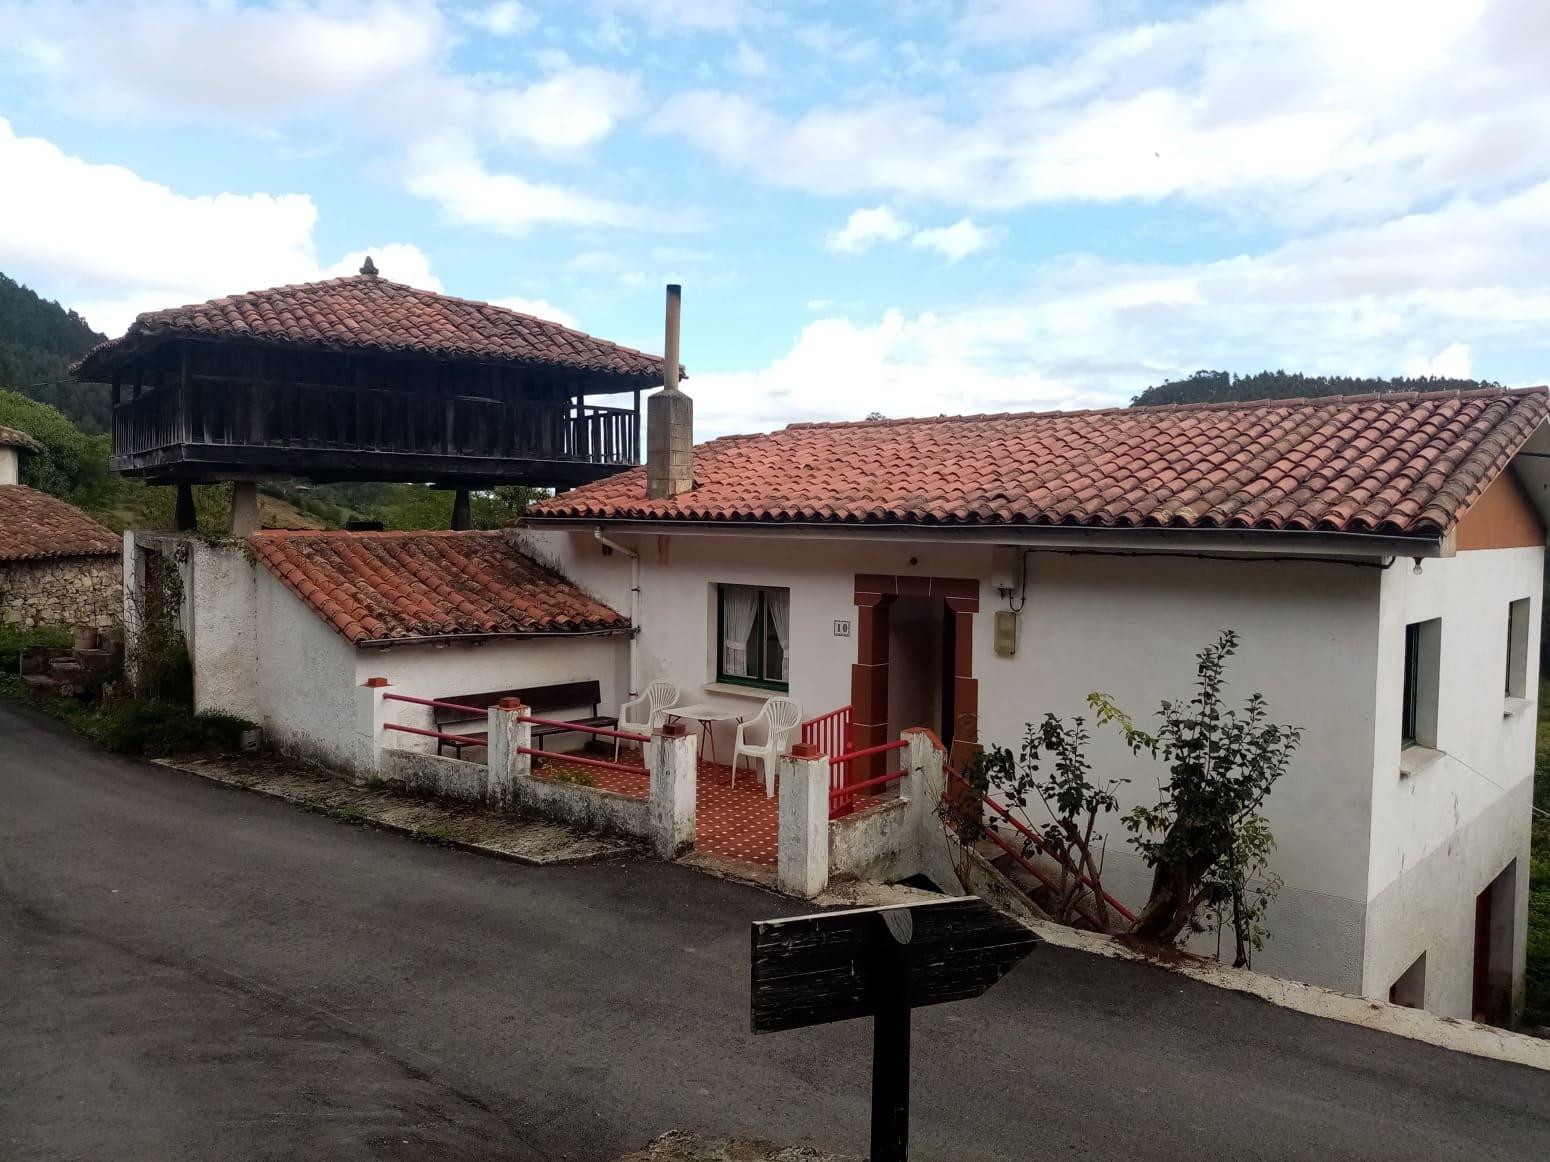 2 sypialnia Dom szeregowy na sprzedaż w Villaviciosa z garażem - 90 000 € (Ref: 5600093)